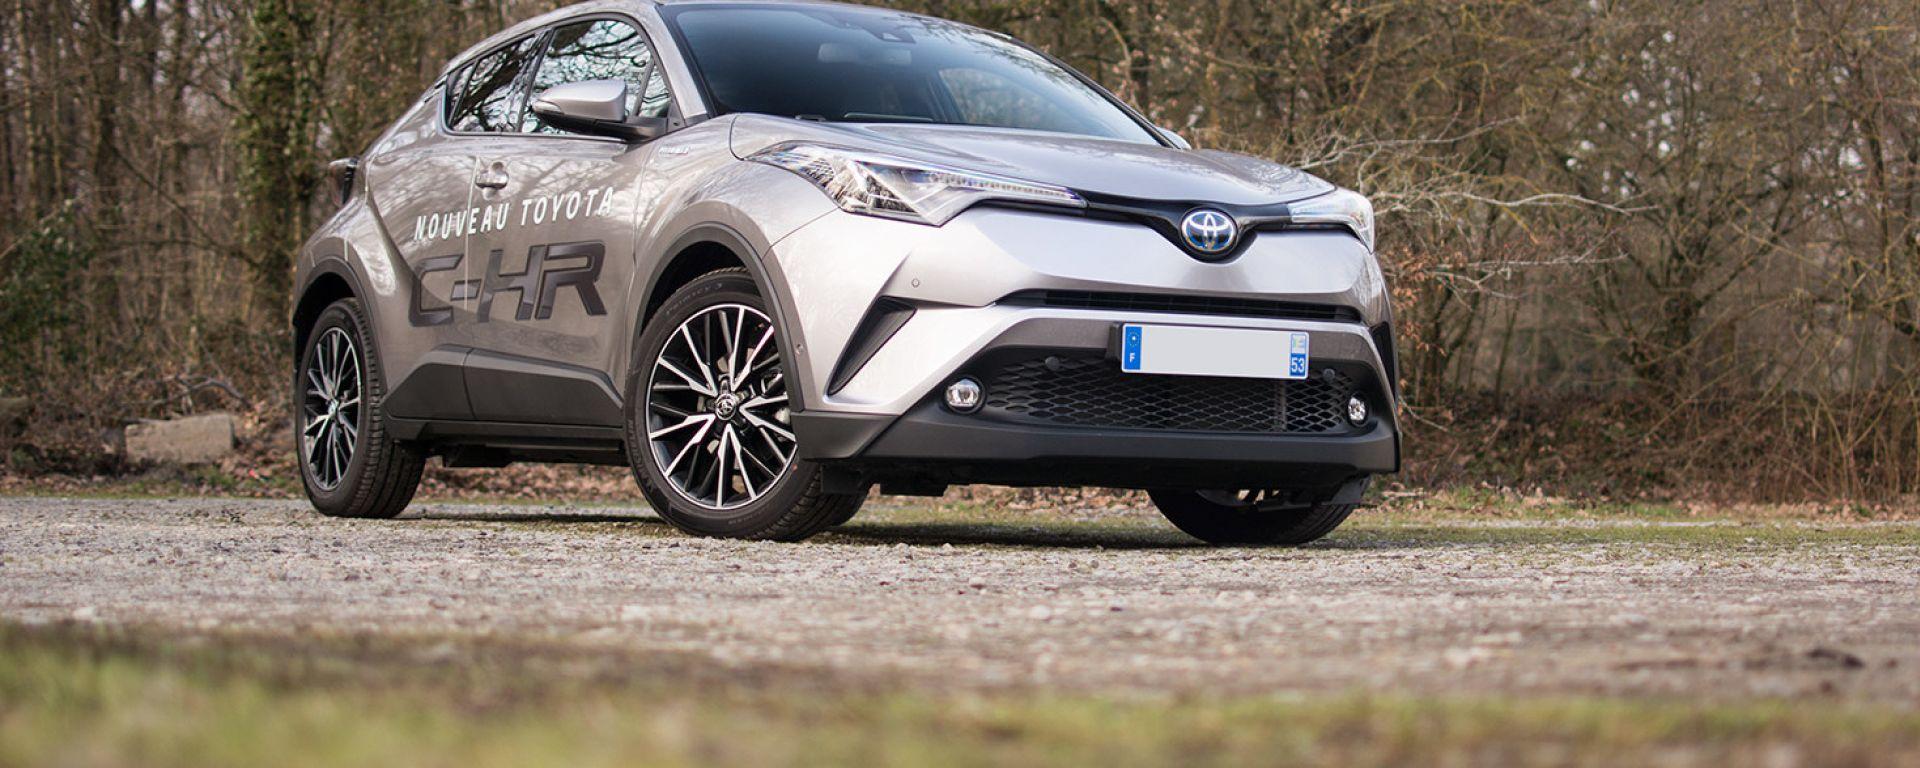 Toyota CH-R, tra i modelli ibridi più diffusi sul mercato dell'usato